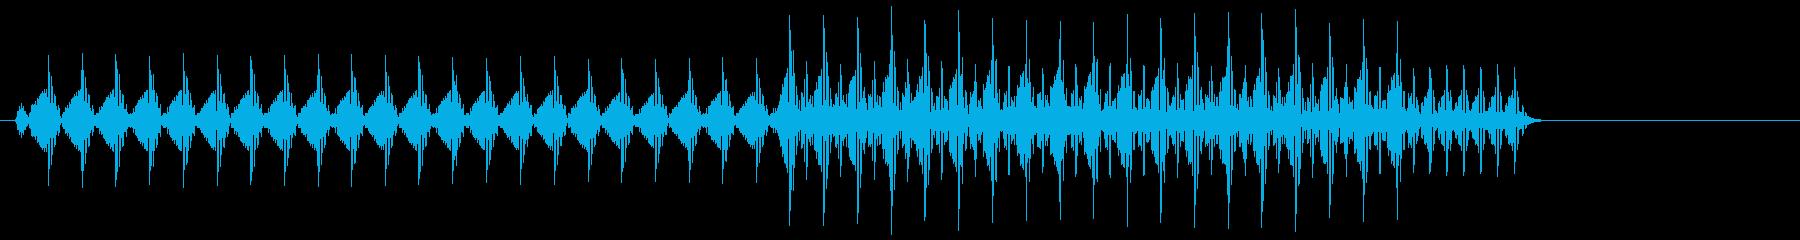 ビコッ(デジタル・ボタン音・プッシュ音)の再生済みの波形